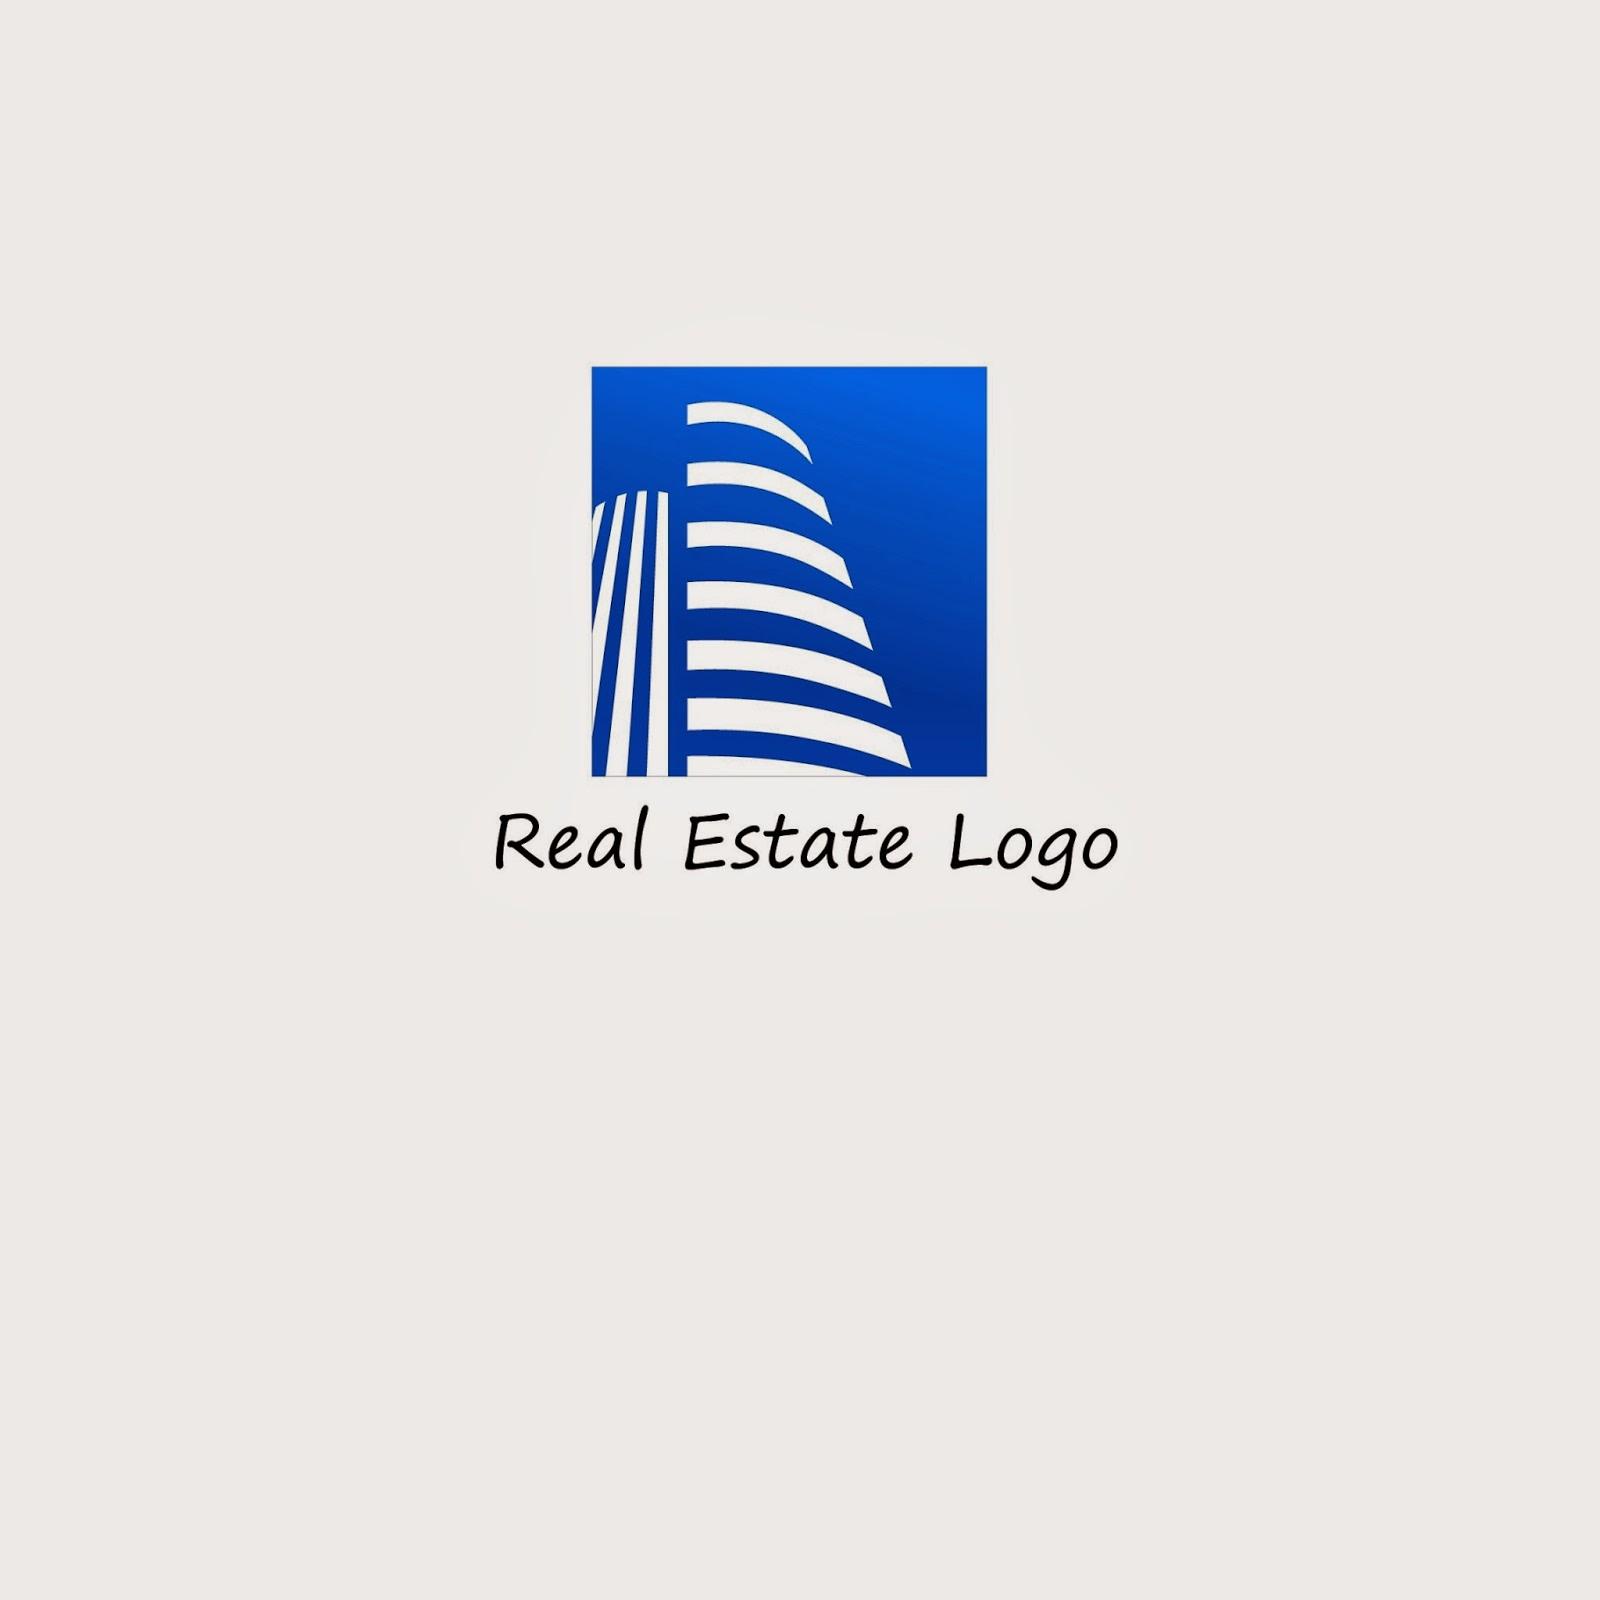 Real Estate Logos : Ashan graphic and logo designing real estate ideas